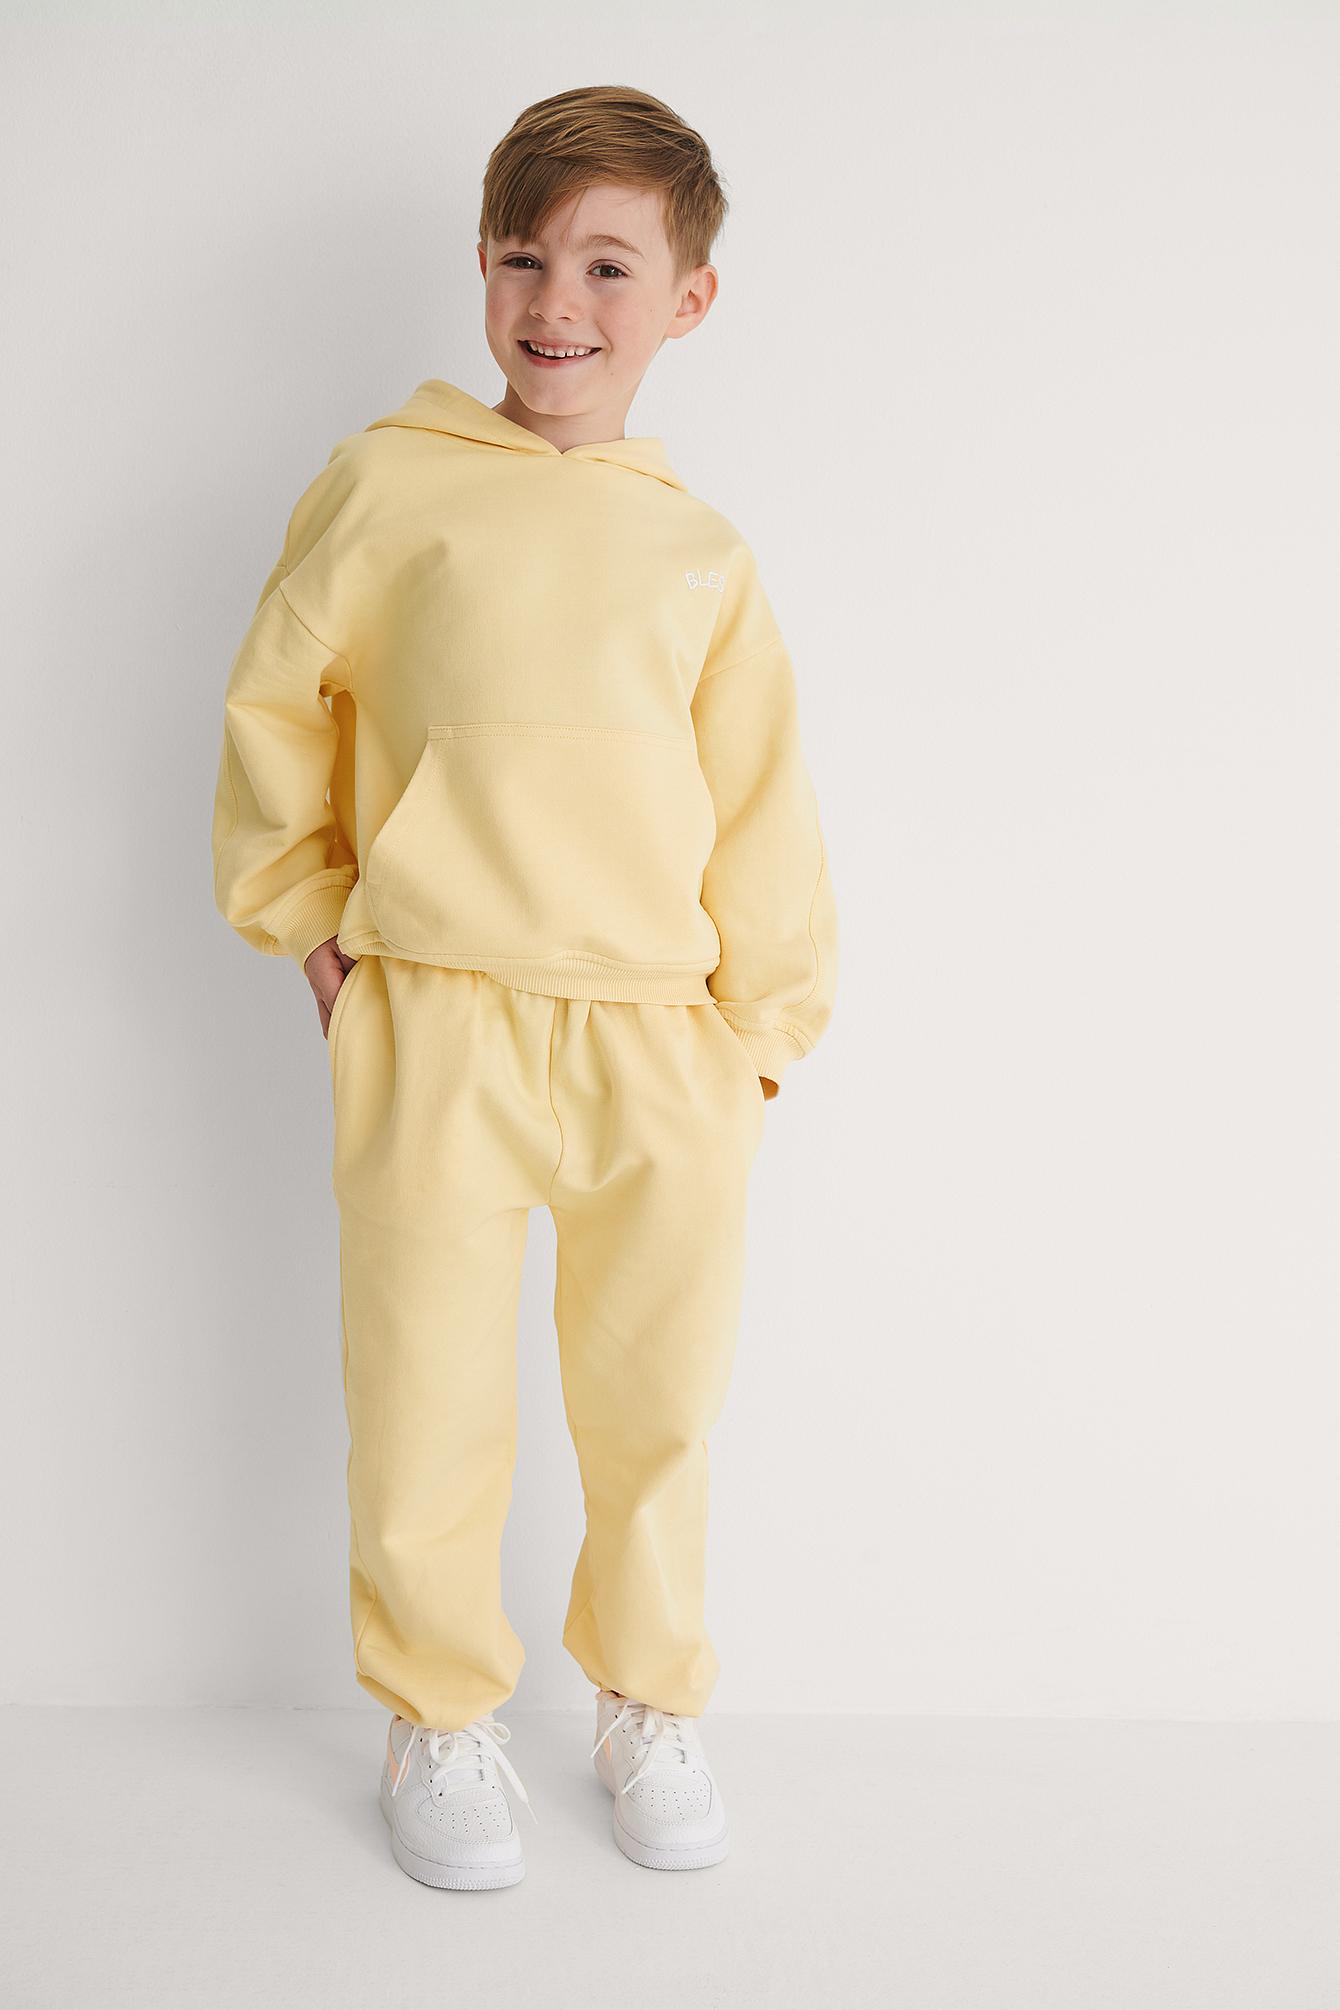 KIDS by NA-KD Perustyyliset Orgaaniset Farkut - Yellow